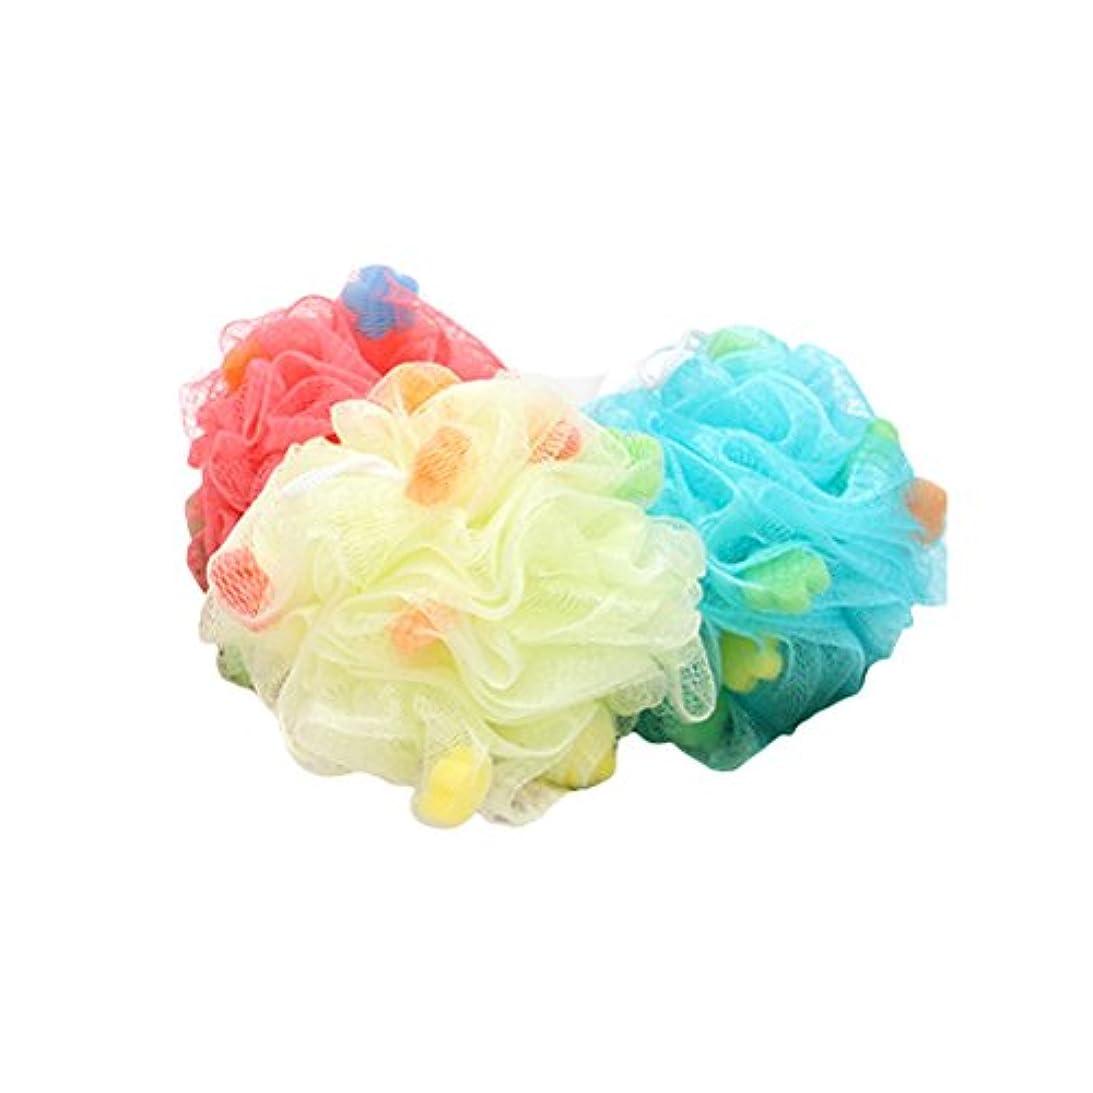 尋ねるソーシャル屋内Healifty ボディースポンジ 泡立てネット フラワーボール シャワー用 バス用品 背中も洗える メッシュ ボディ洗い 泡肌美人(ランダム色)3個